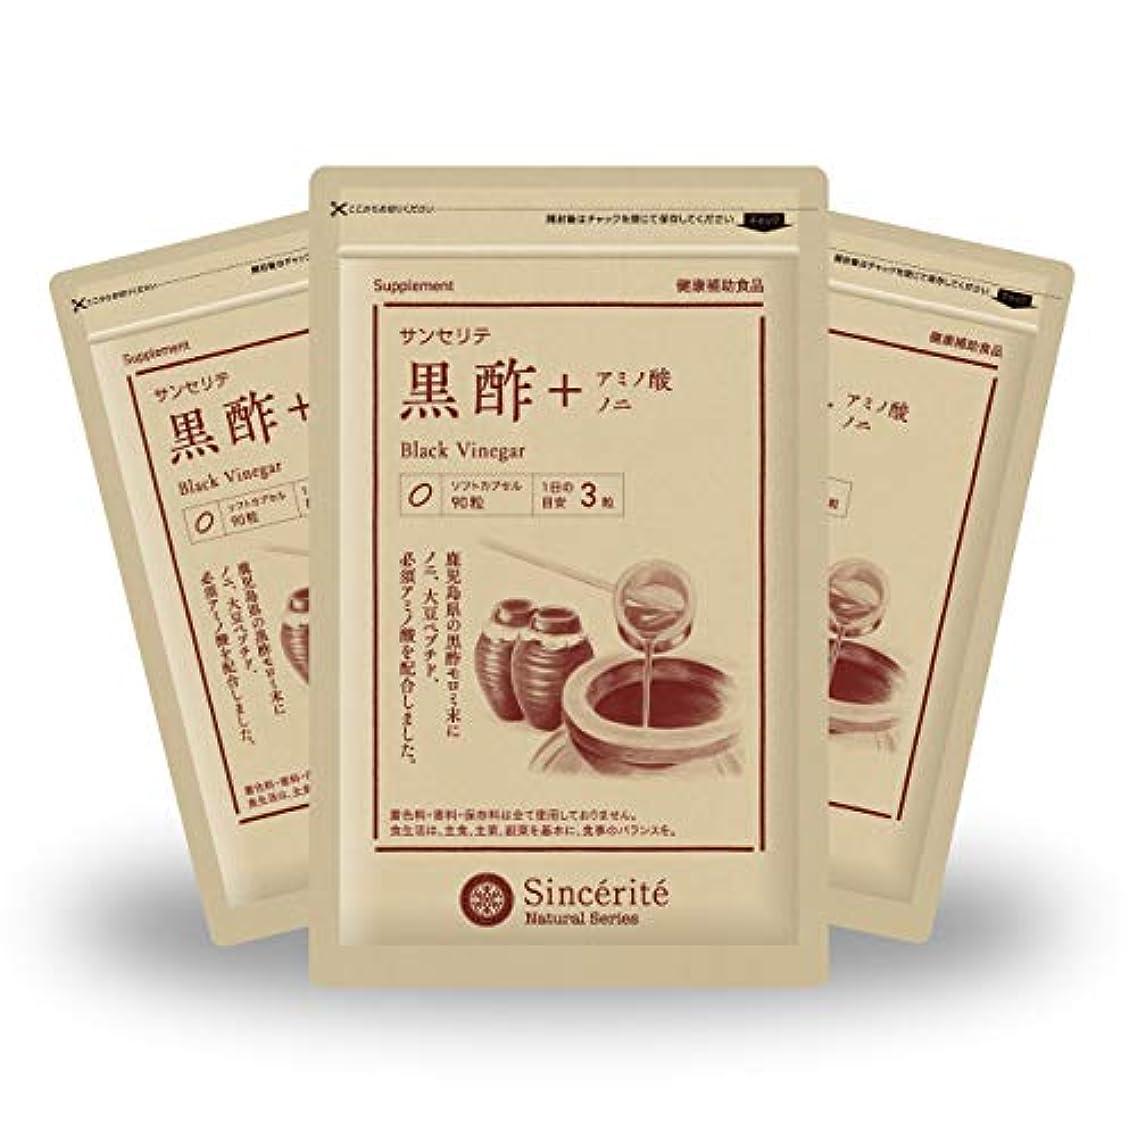 ナチュラルパイ一時的黒酢?アミノ酸+ノニ 3袋セット[送料無料][黒酢モロミ末]300mg配合[国内製造]お得な90日分